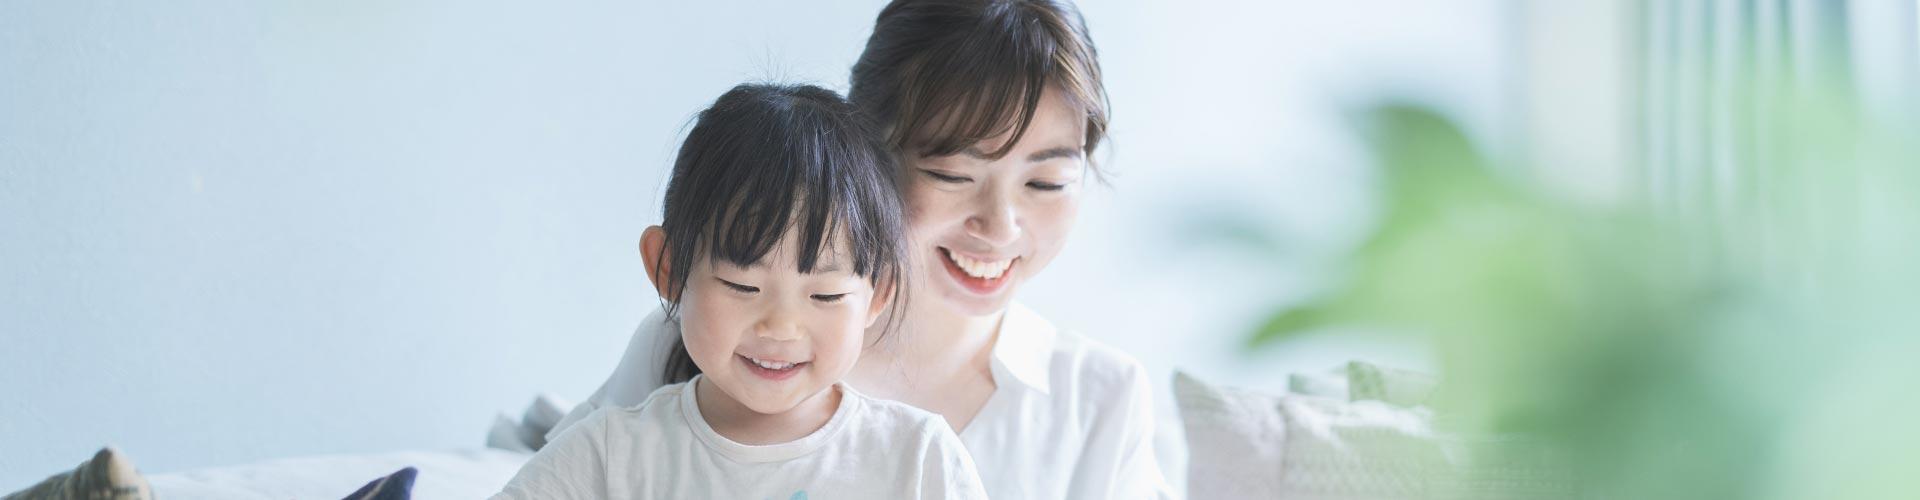 30代ママが日常に取り入れたい!心が軽くなるストレス発散法